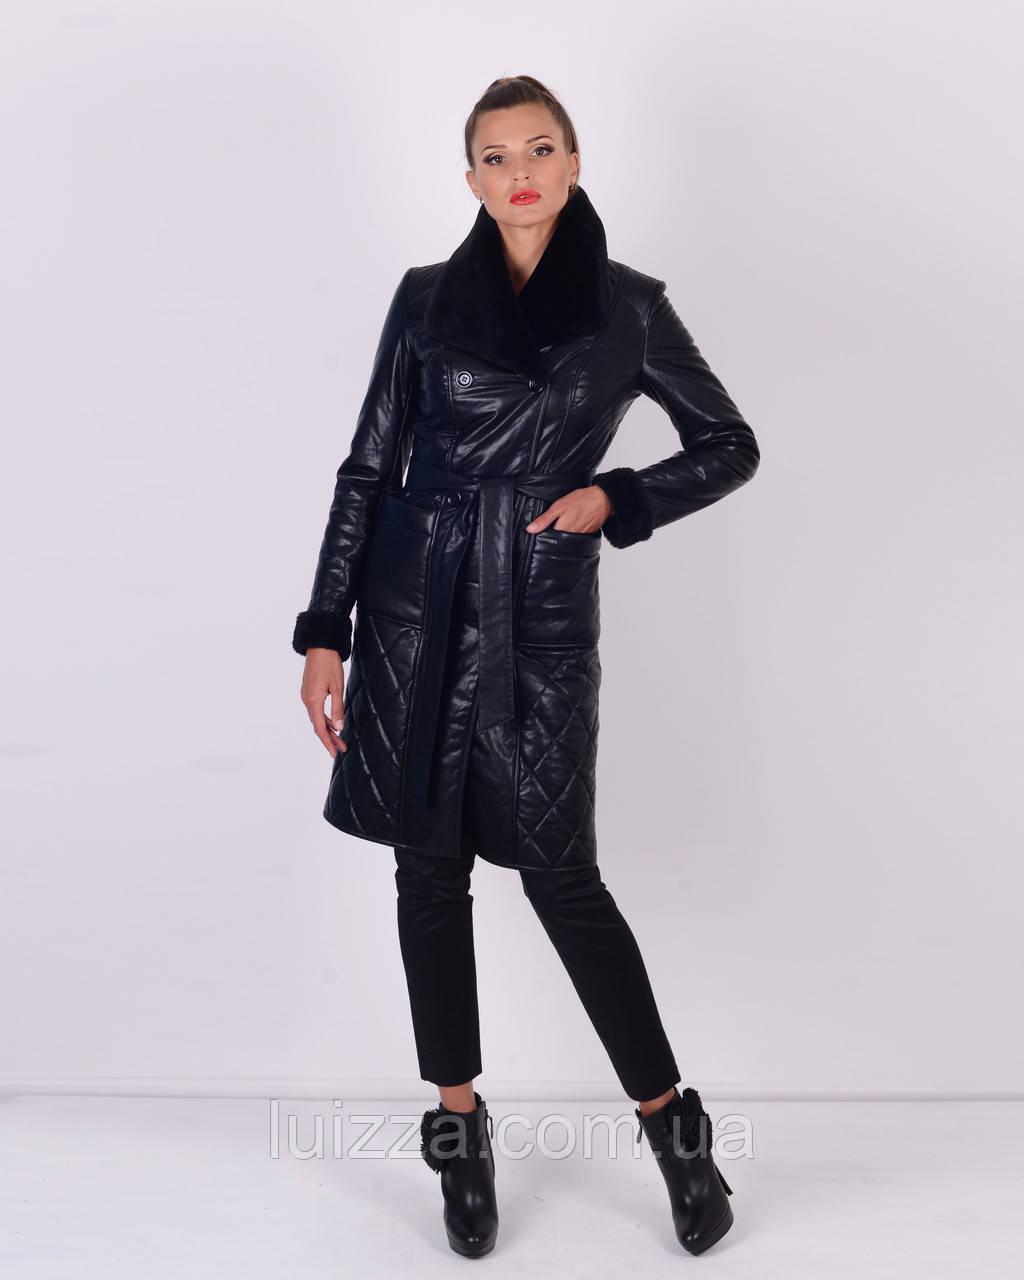 Женское утепленное пальто из эко-кожи 46, 54 р черная 46